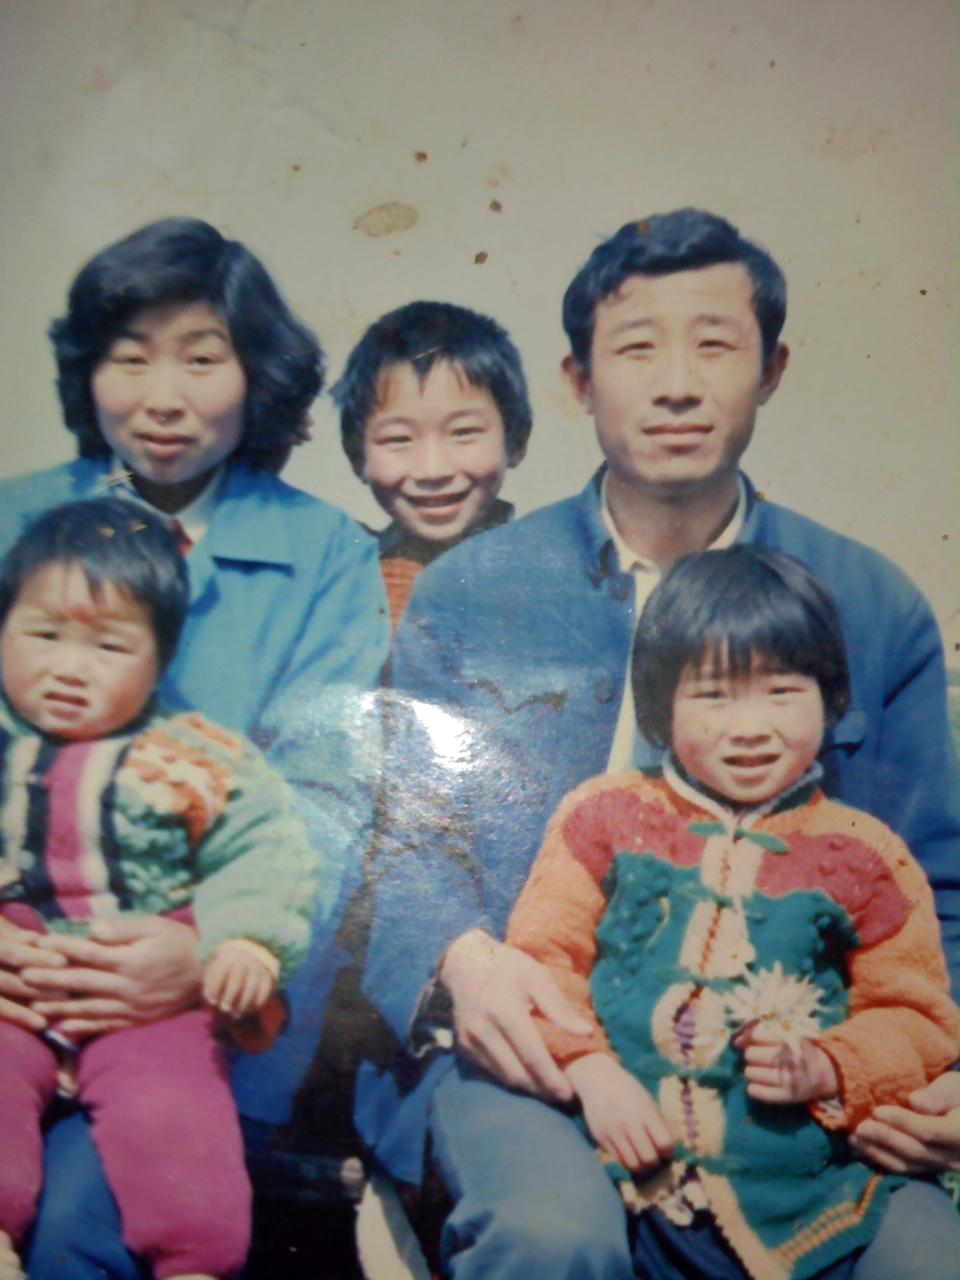 阎吉英的全家福_全家福照片欣赏-19全家福 刘德华朱丽倩全家福图片